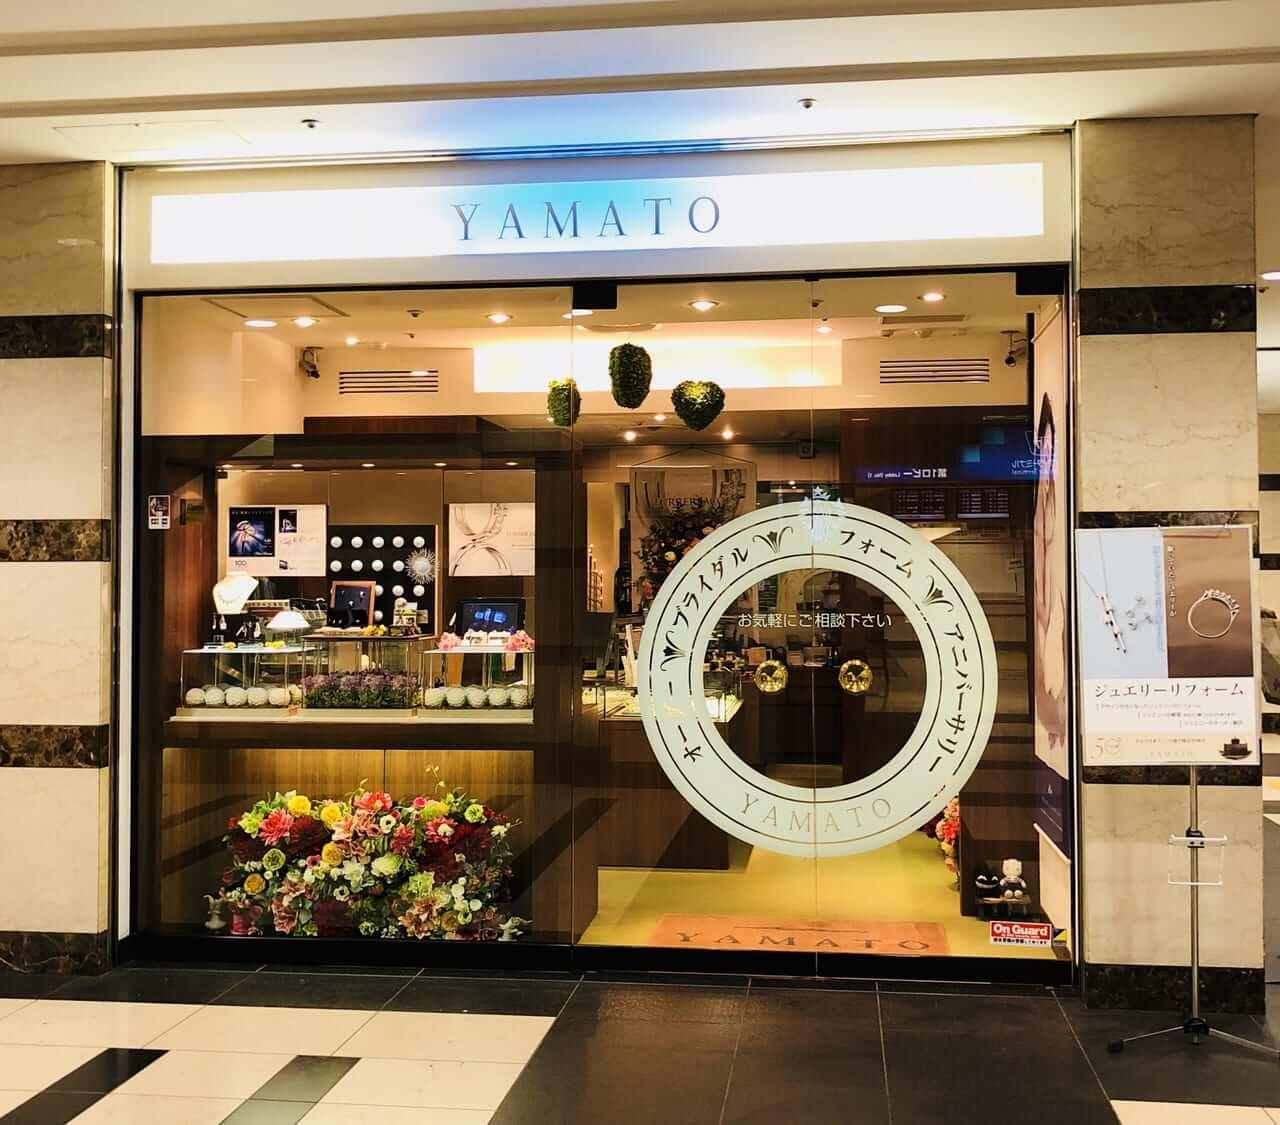 横浜YAMATOへのご来店予約